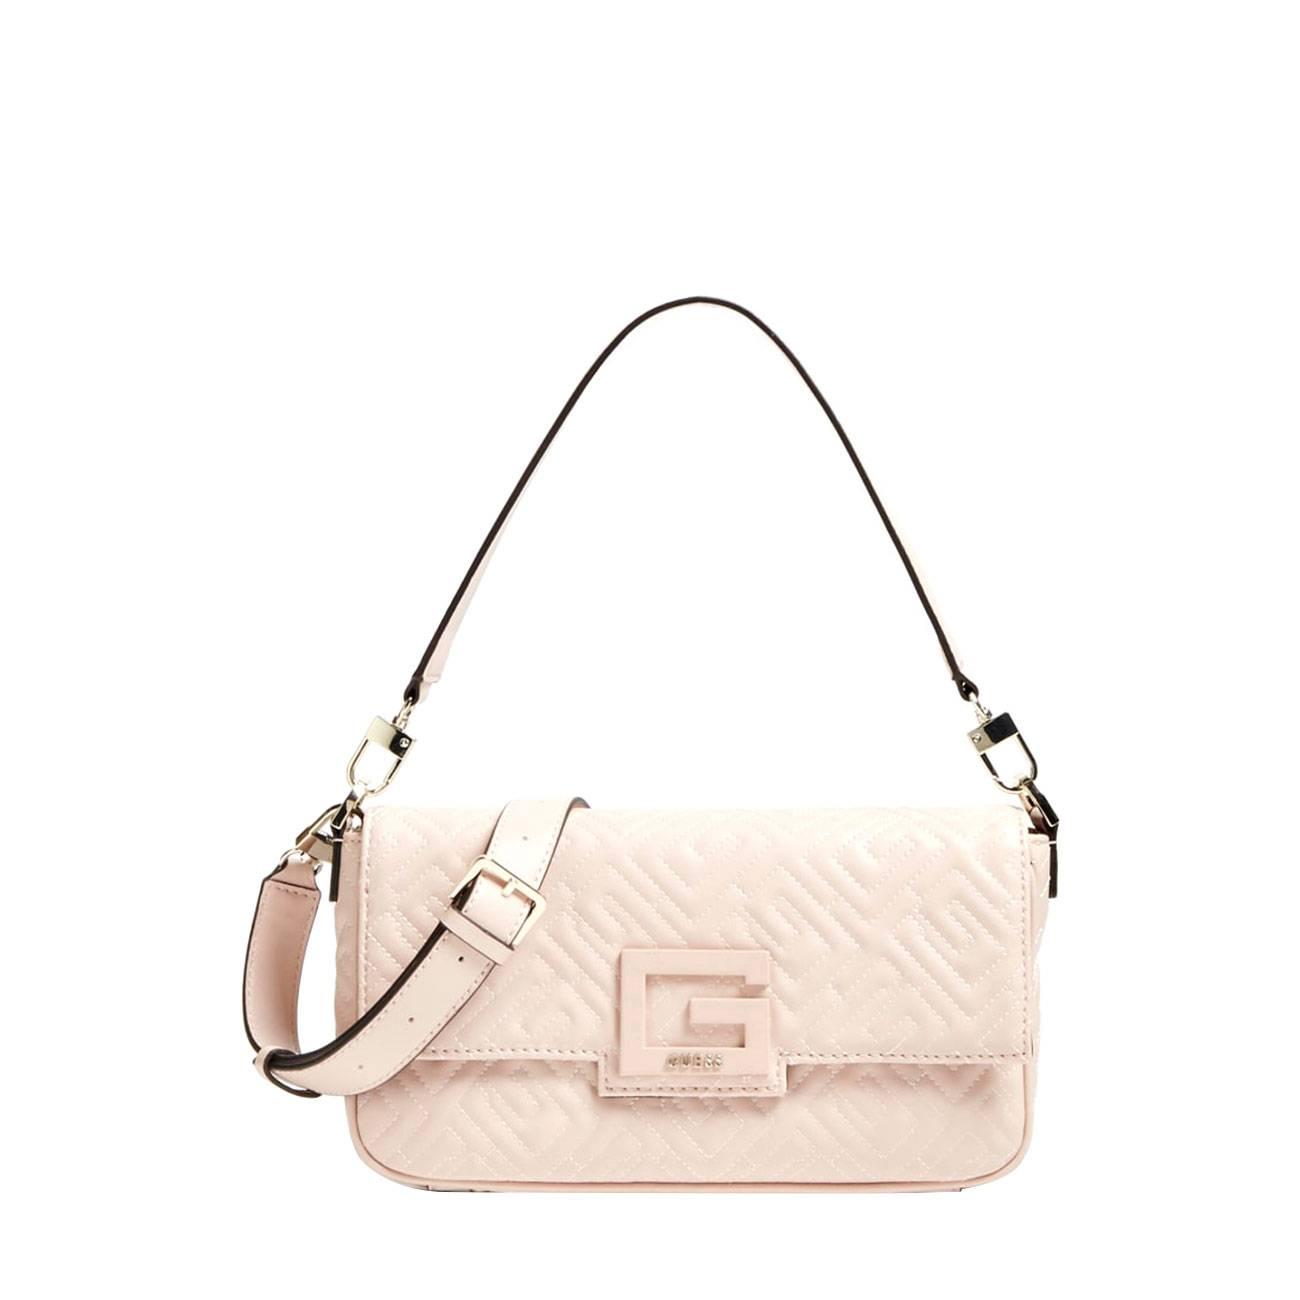 Brightside Handbag